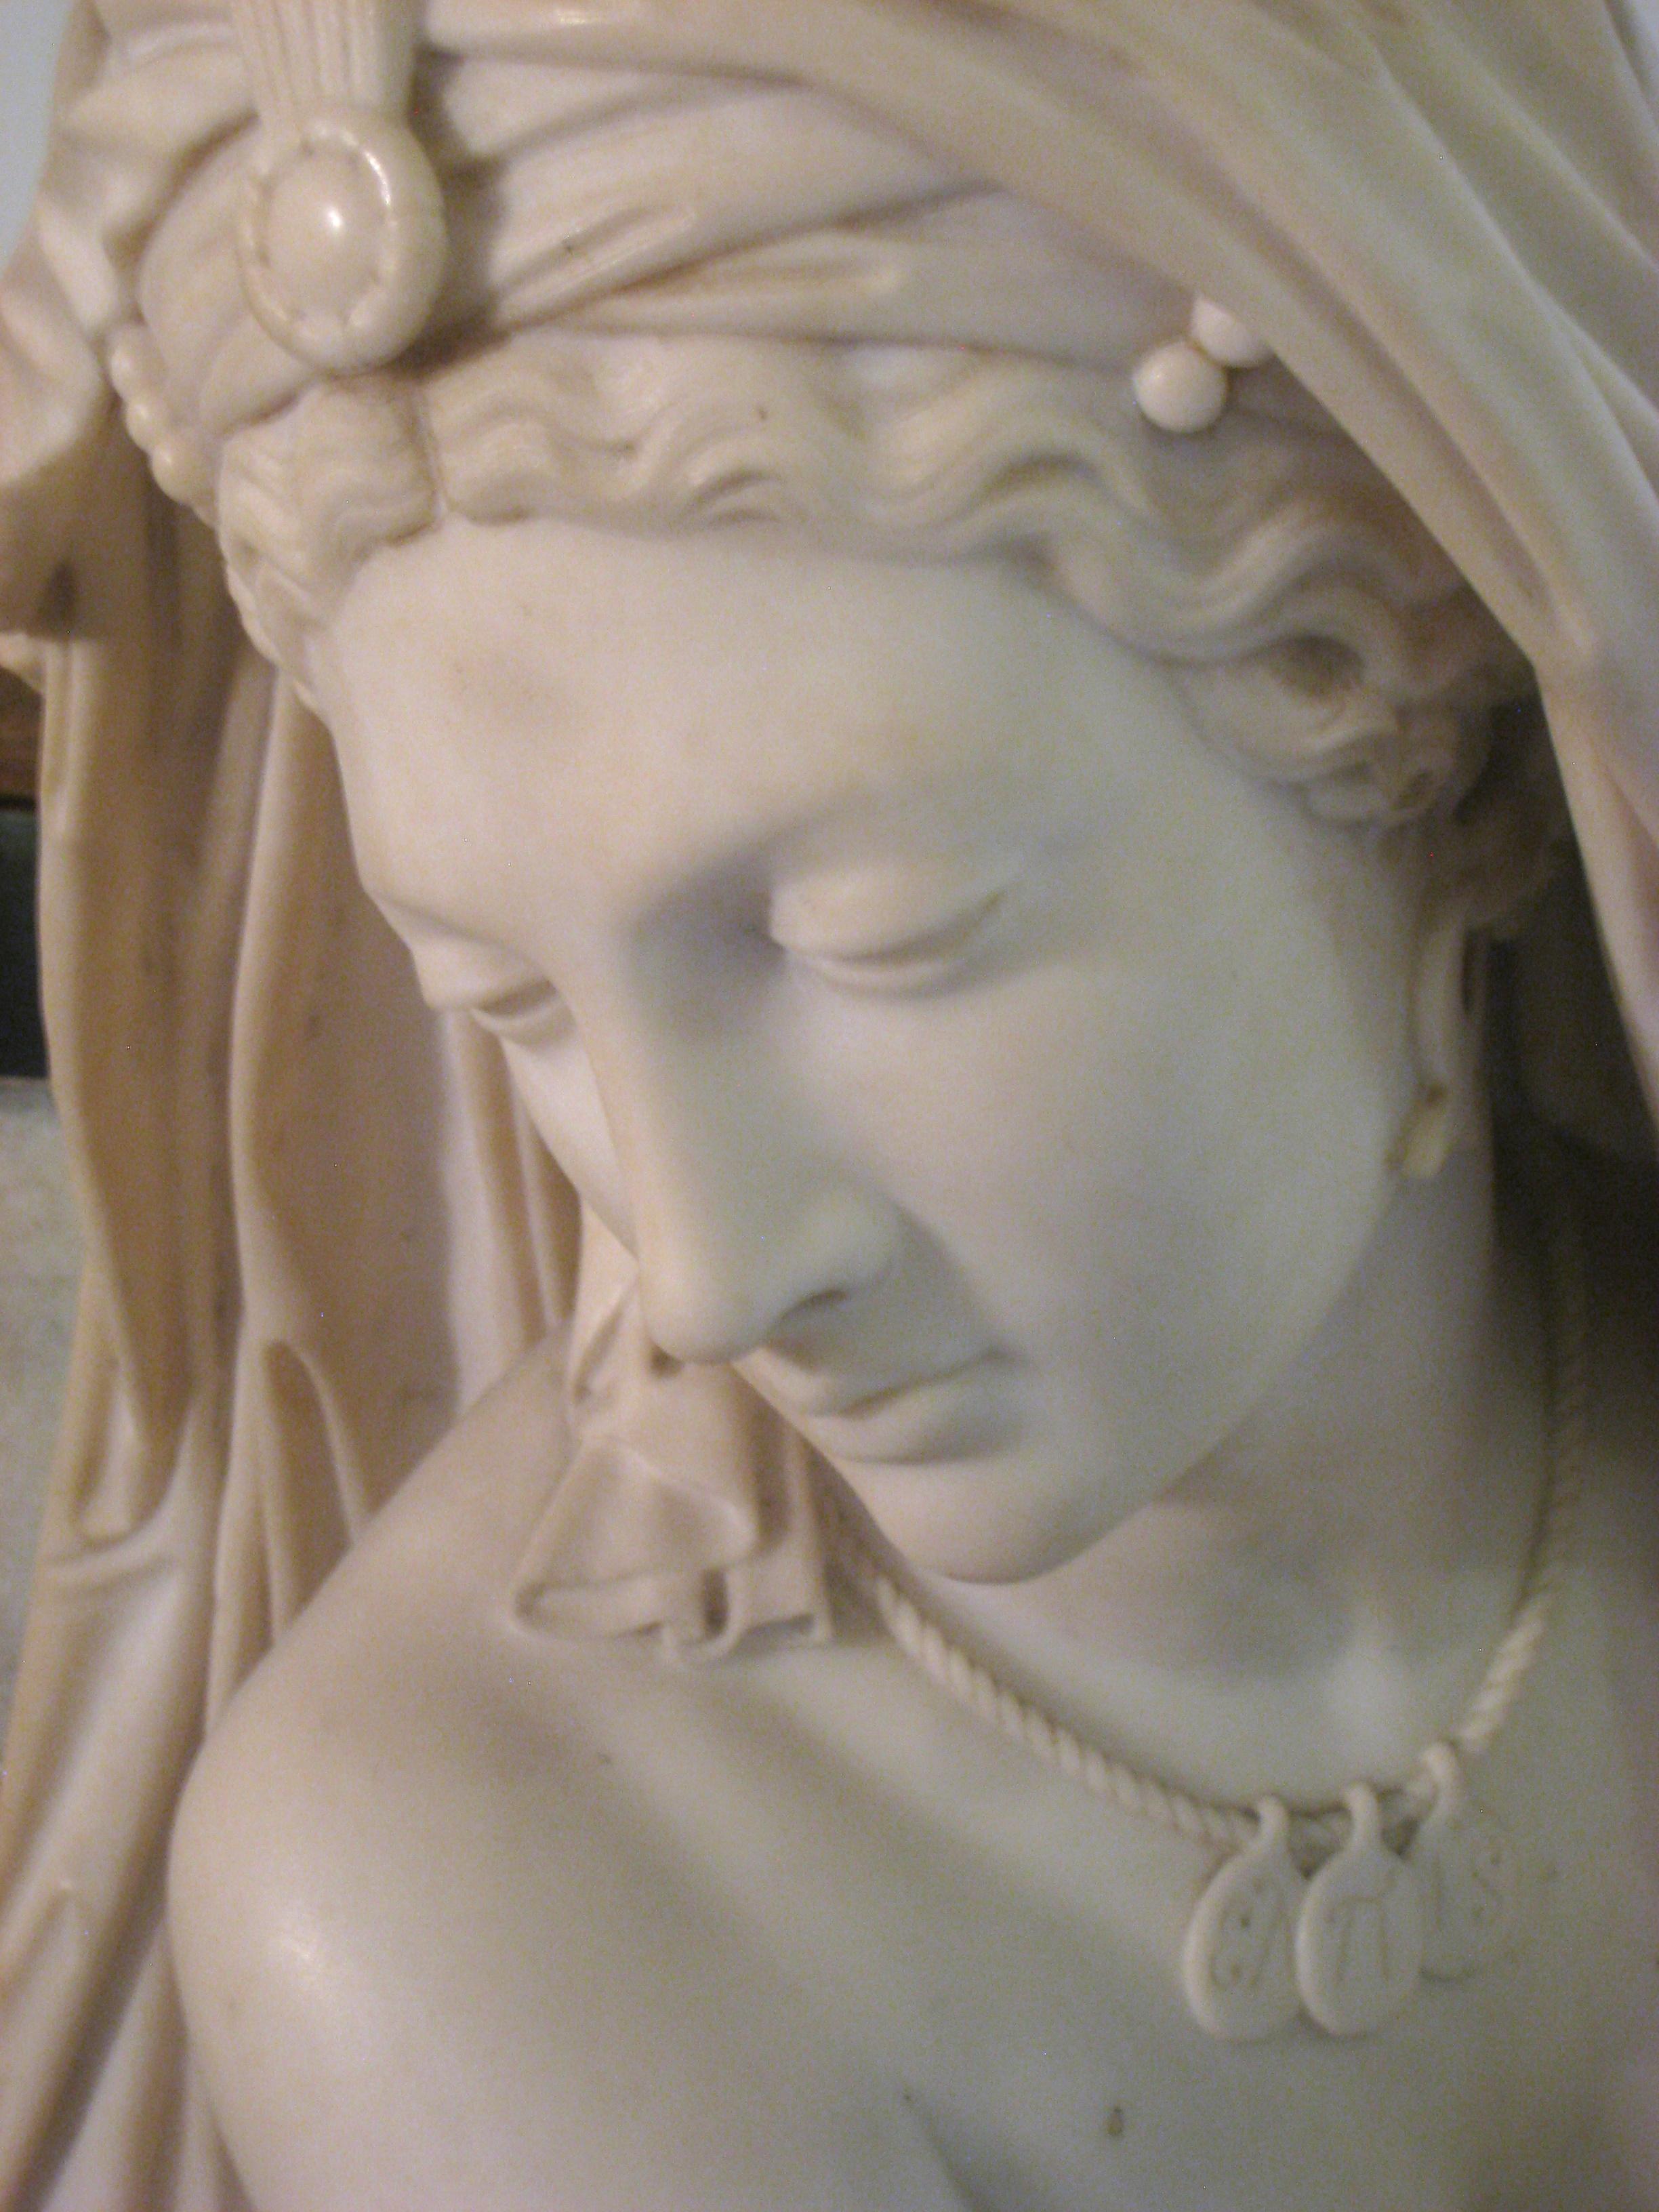 https://upload.wikimedia.org/wikipedia/commons/5/53/Memorial_of_Mrs._Seth_B._Stitt_-_Drexel_University_-_IMG_7364.JPG